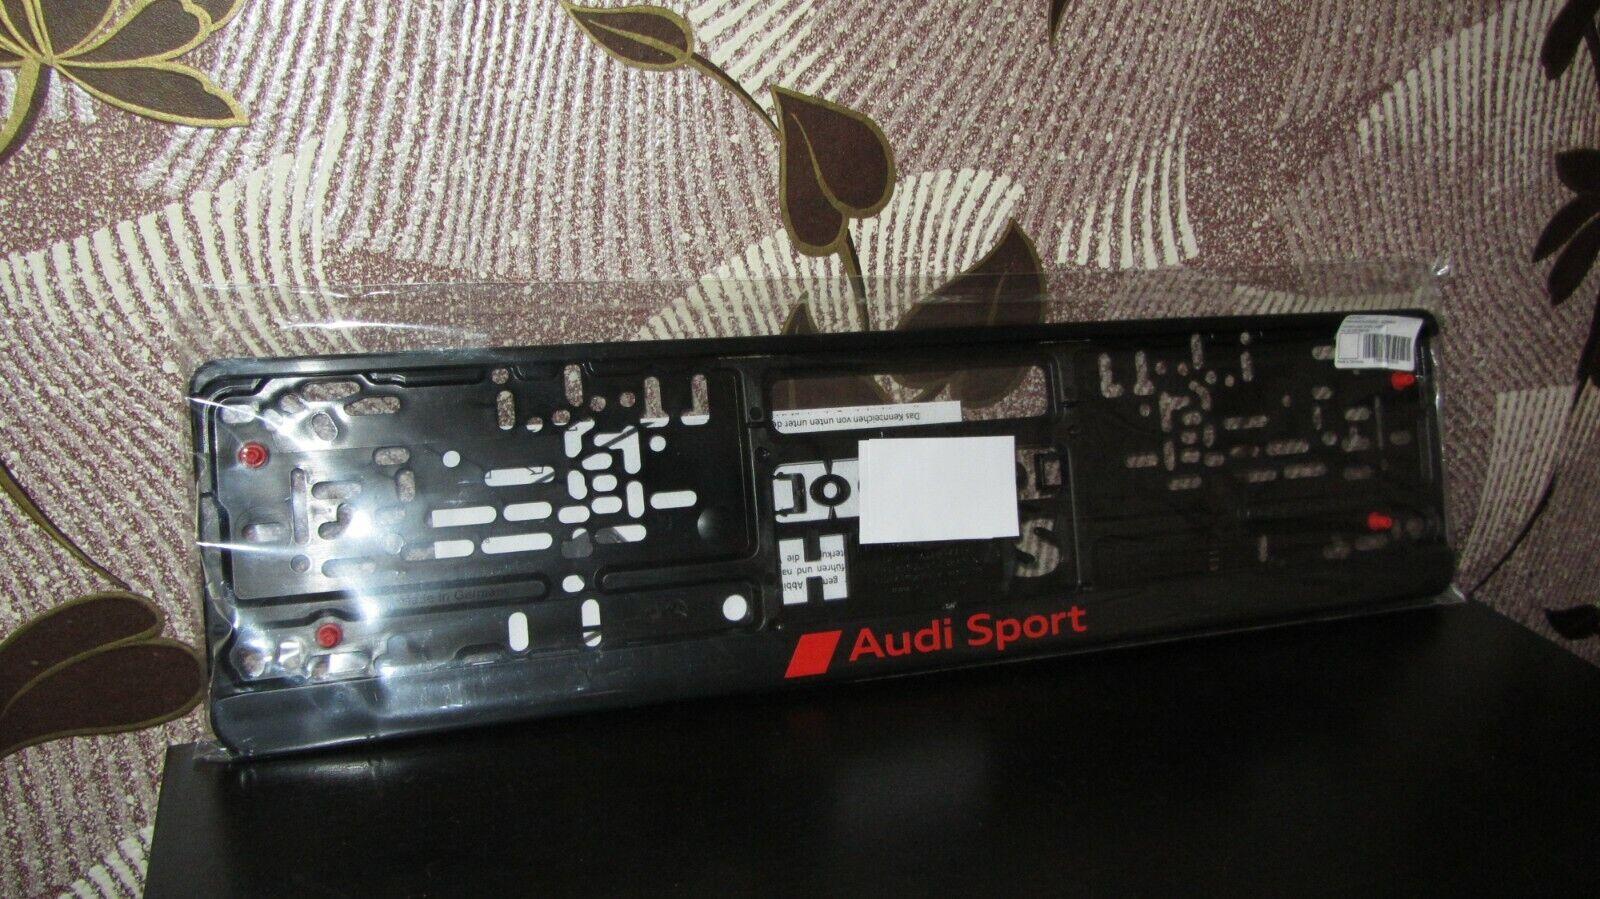 Genuine Audi Sport Number Plate License Plate Holder Frame 3291900100